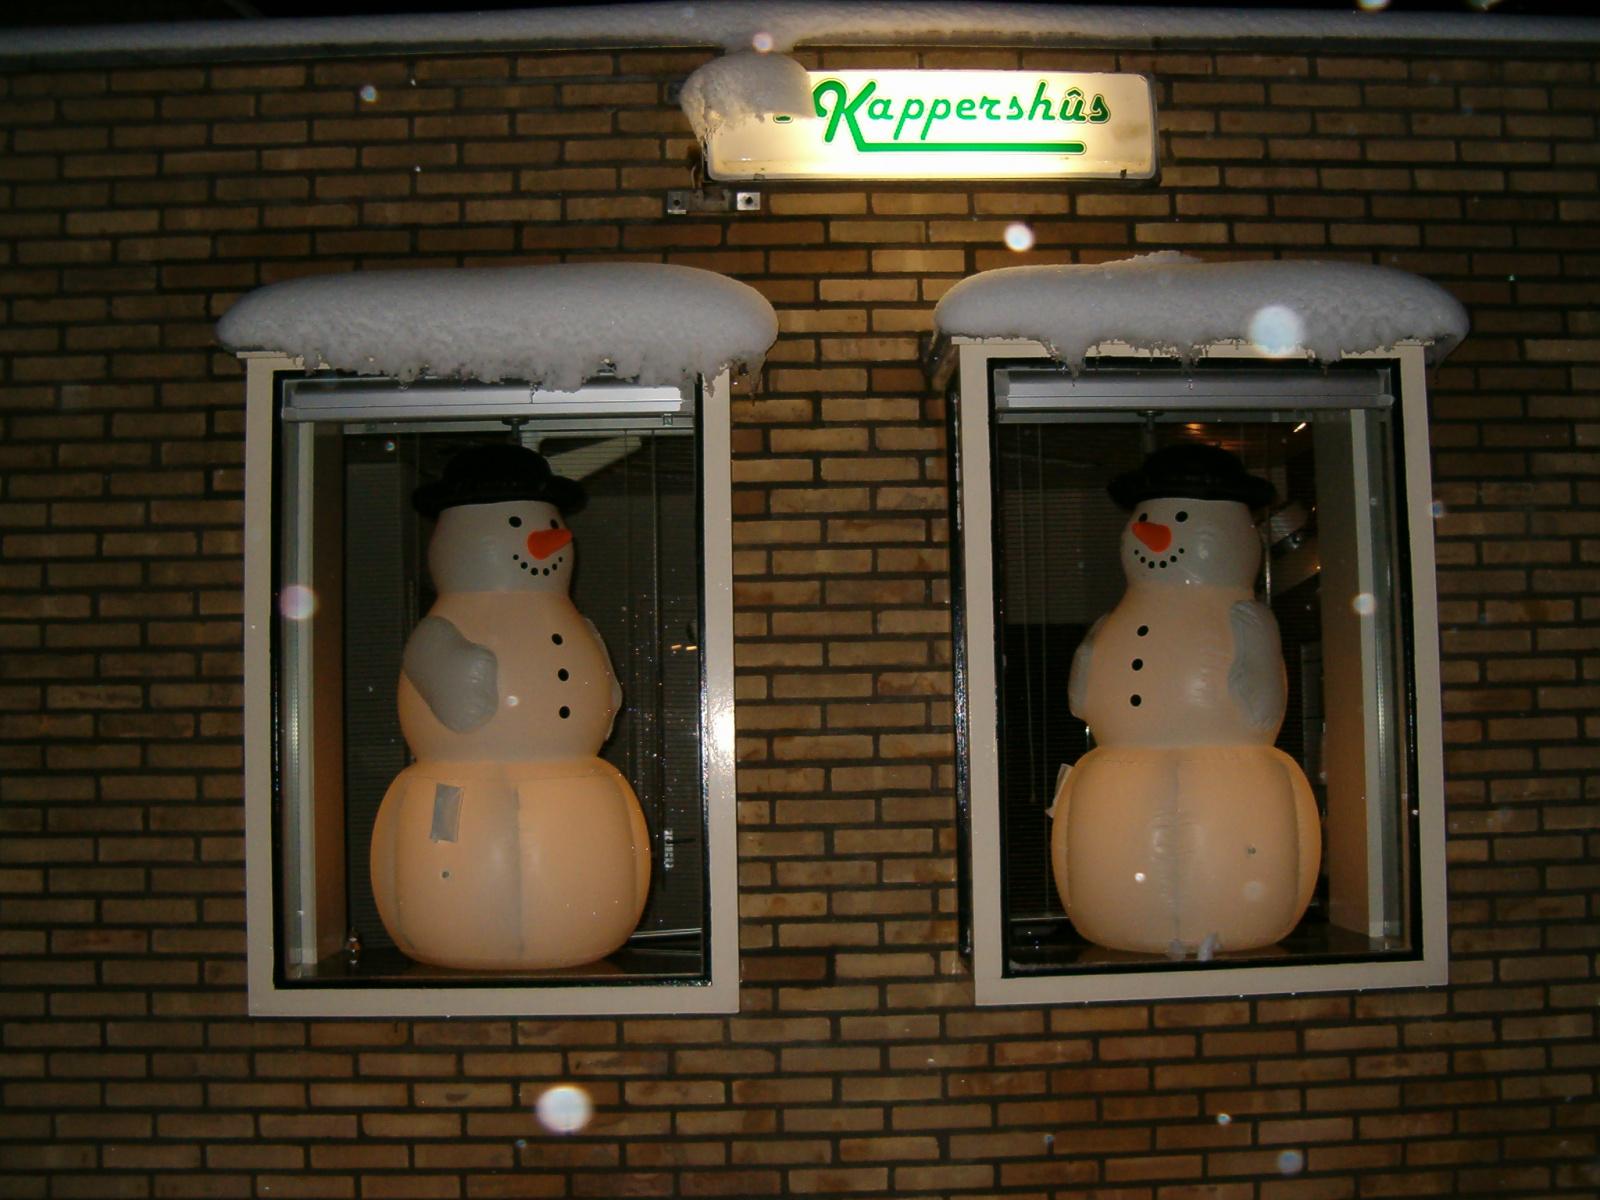 't-Kappershuis-1994-31